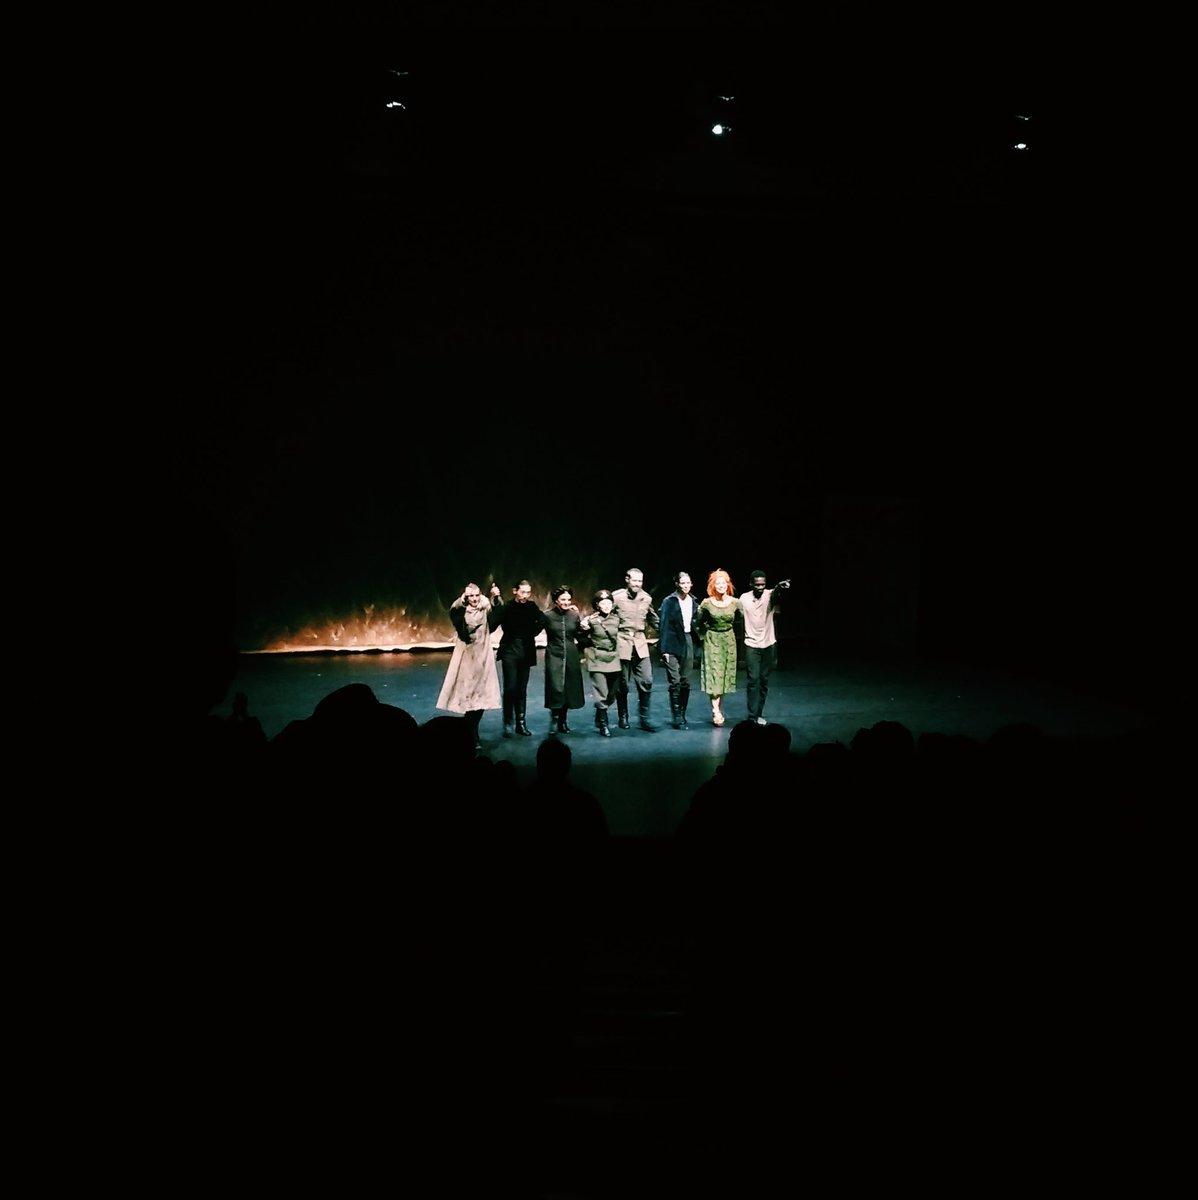 Final bow from @KiddPivot premiere tonight 💕 #VIDS2019